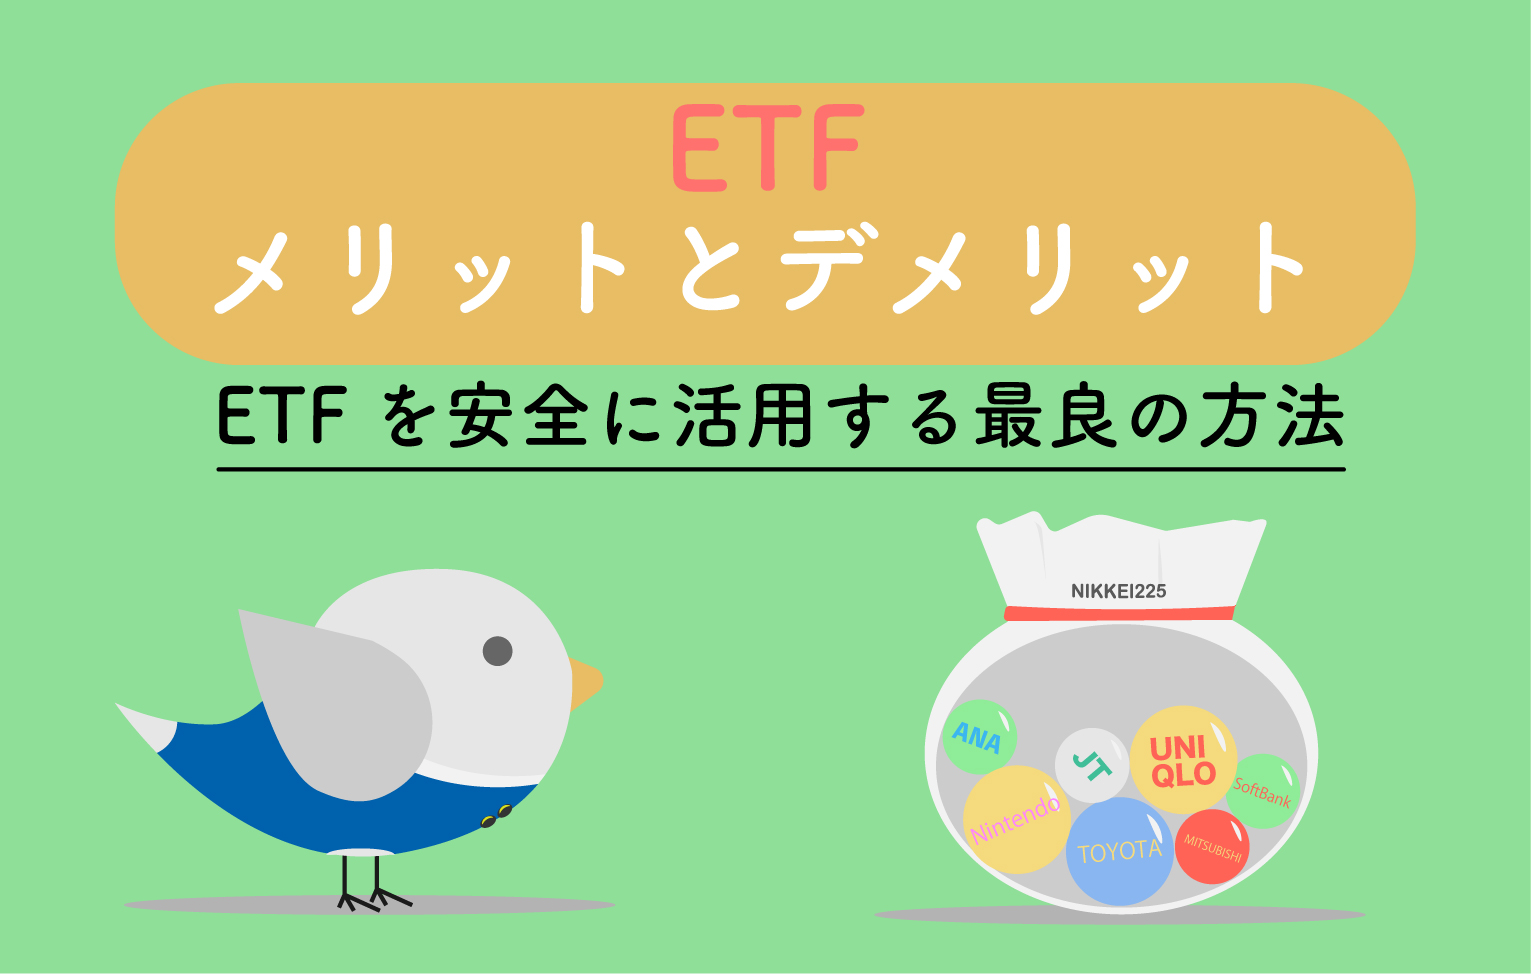 ETFのメリットとデメリット【ETFで安全に投資する最良の方法は?】